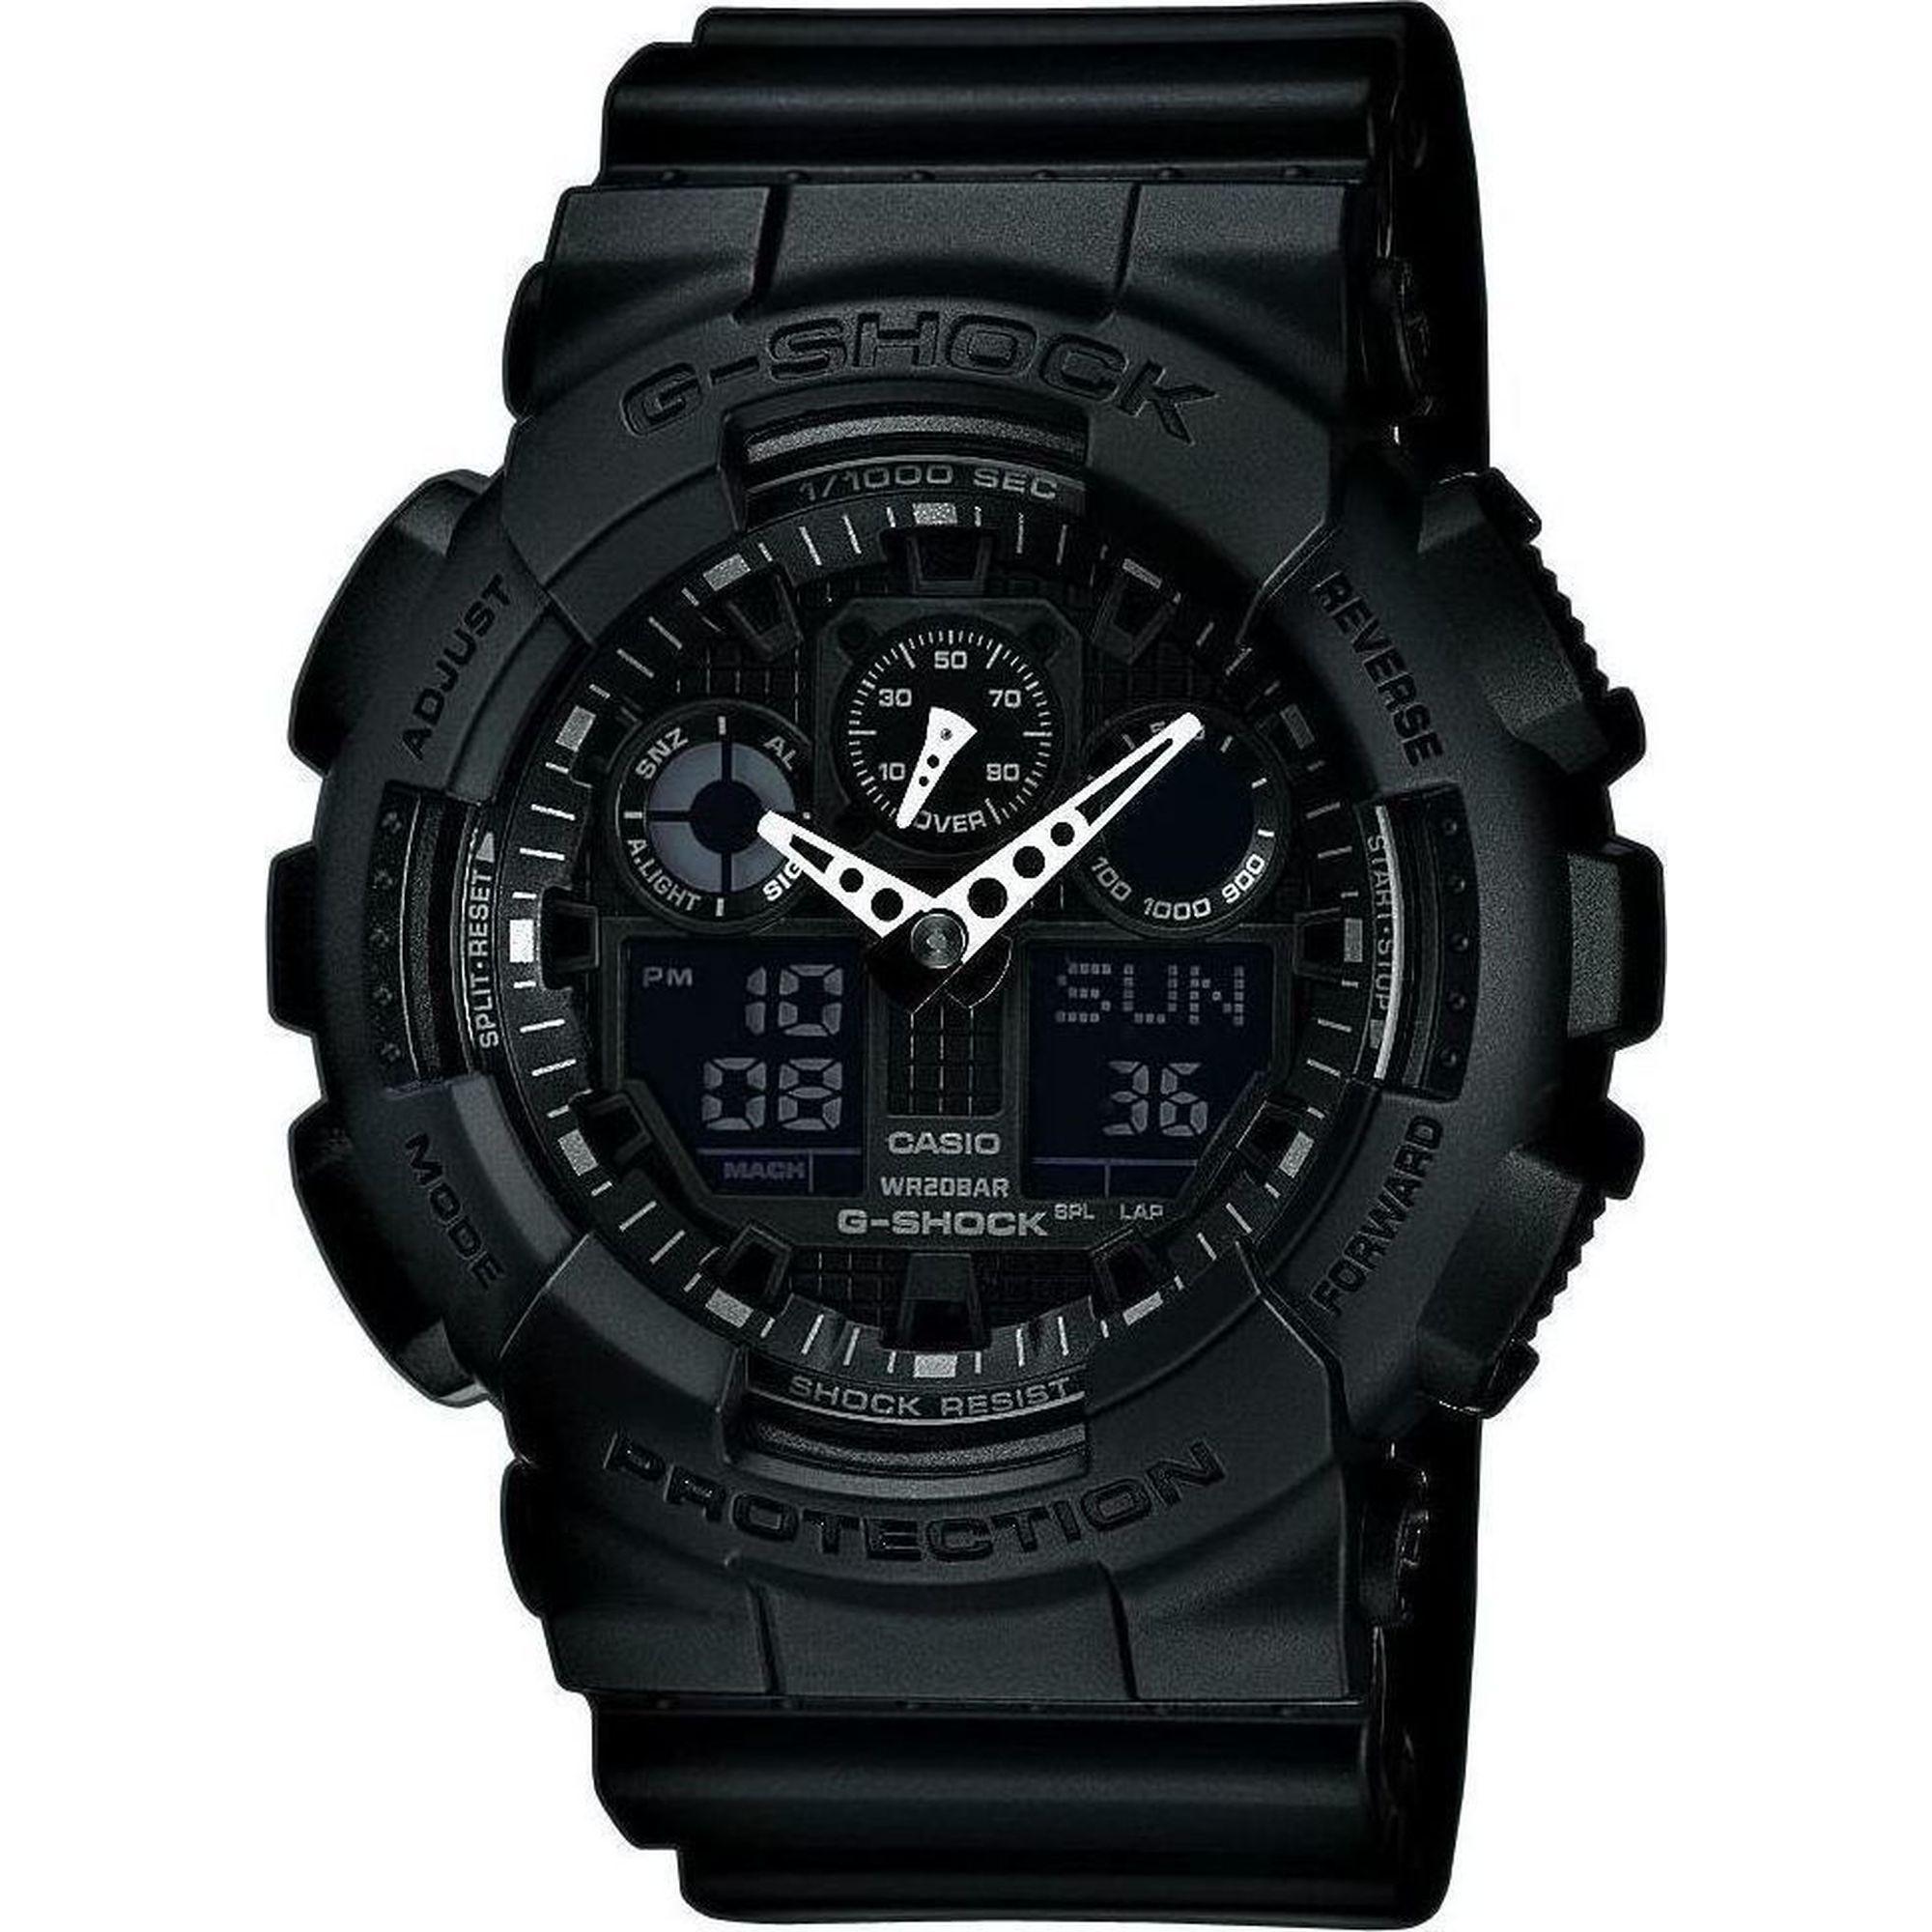 Μηχανισμός: Μπαταρίας, Μέγεθος: 55 mm, Αδιάβροχο: 20 Atm Ανθεκτικό και όμορφο ρολόι από τη συλλογή G-Shock για καθημερινή χρήση. Ειδικά σχεδιασμένο για να αντέχει έντονους κραδασμούς.